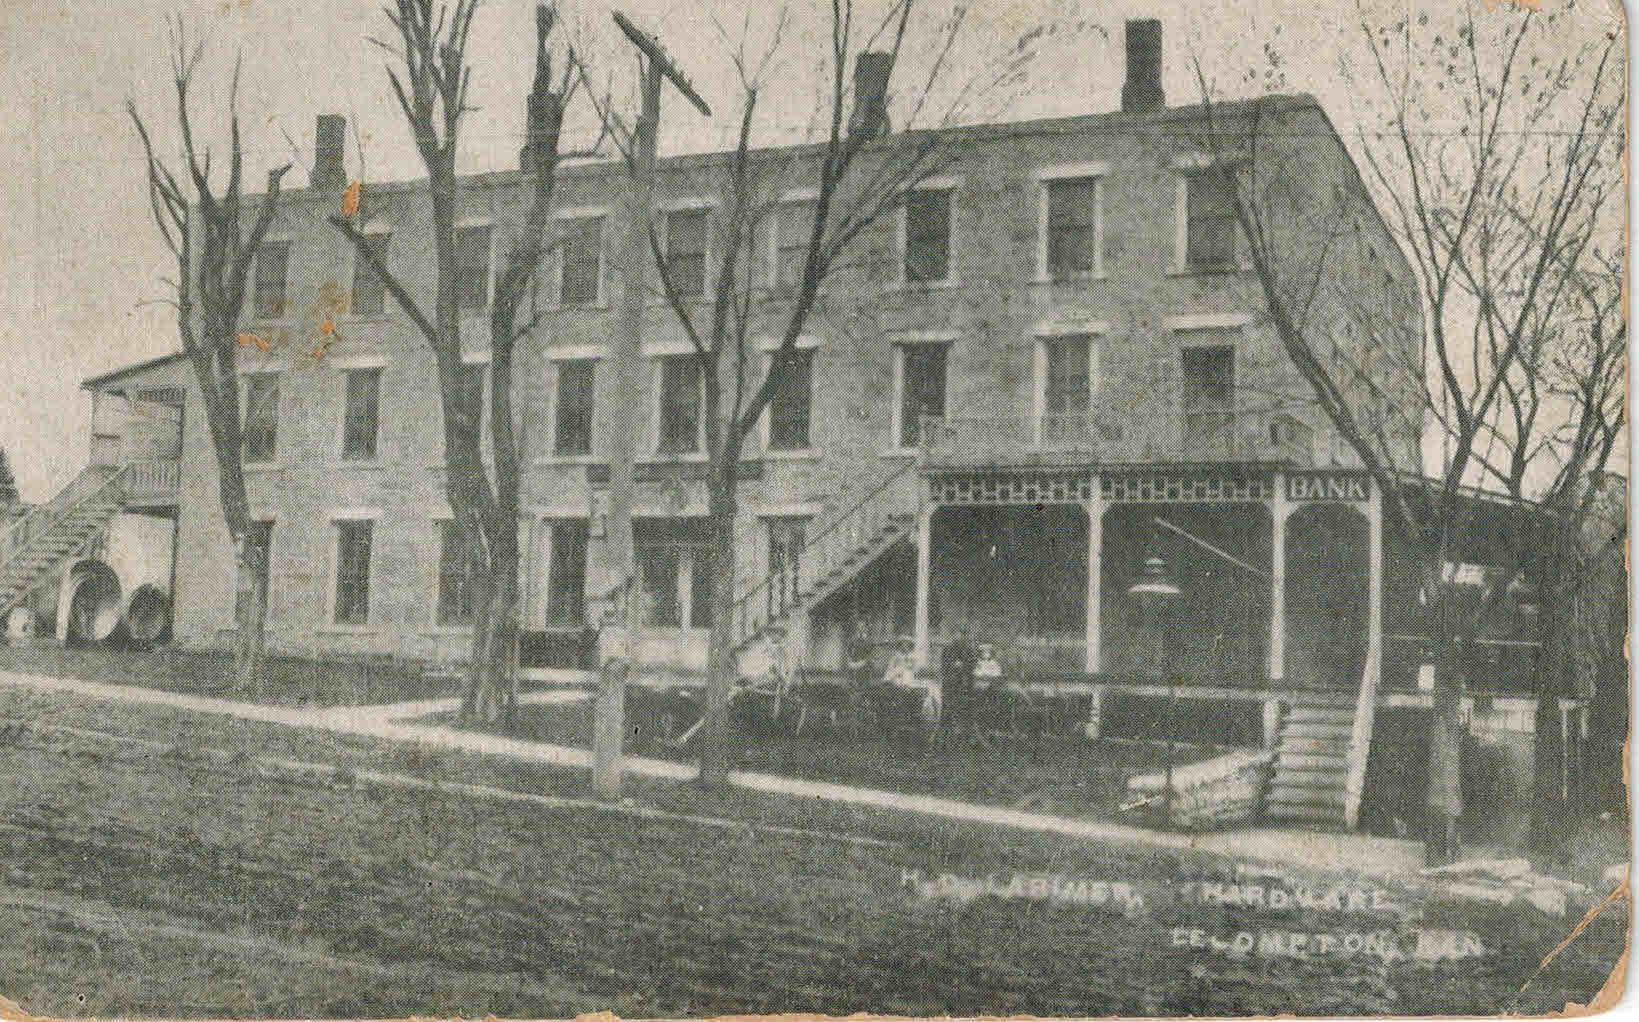 罗威纳酒店,领土立法机关,堪萨斯州领土,莱坎普顿,莱恩大学